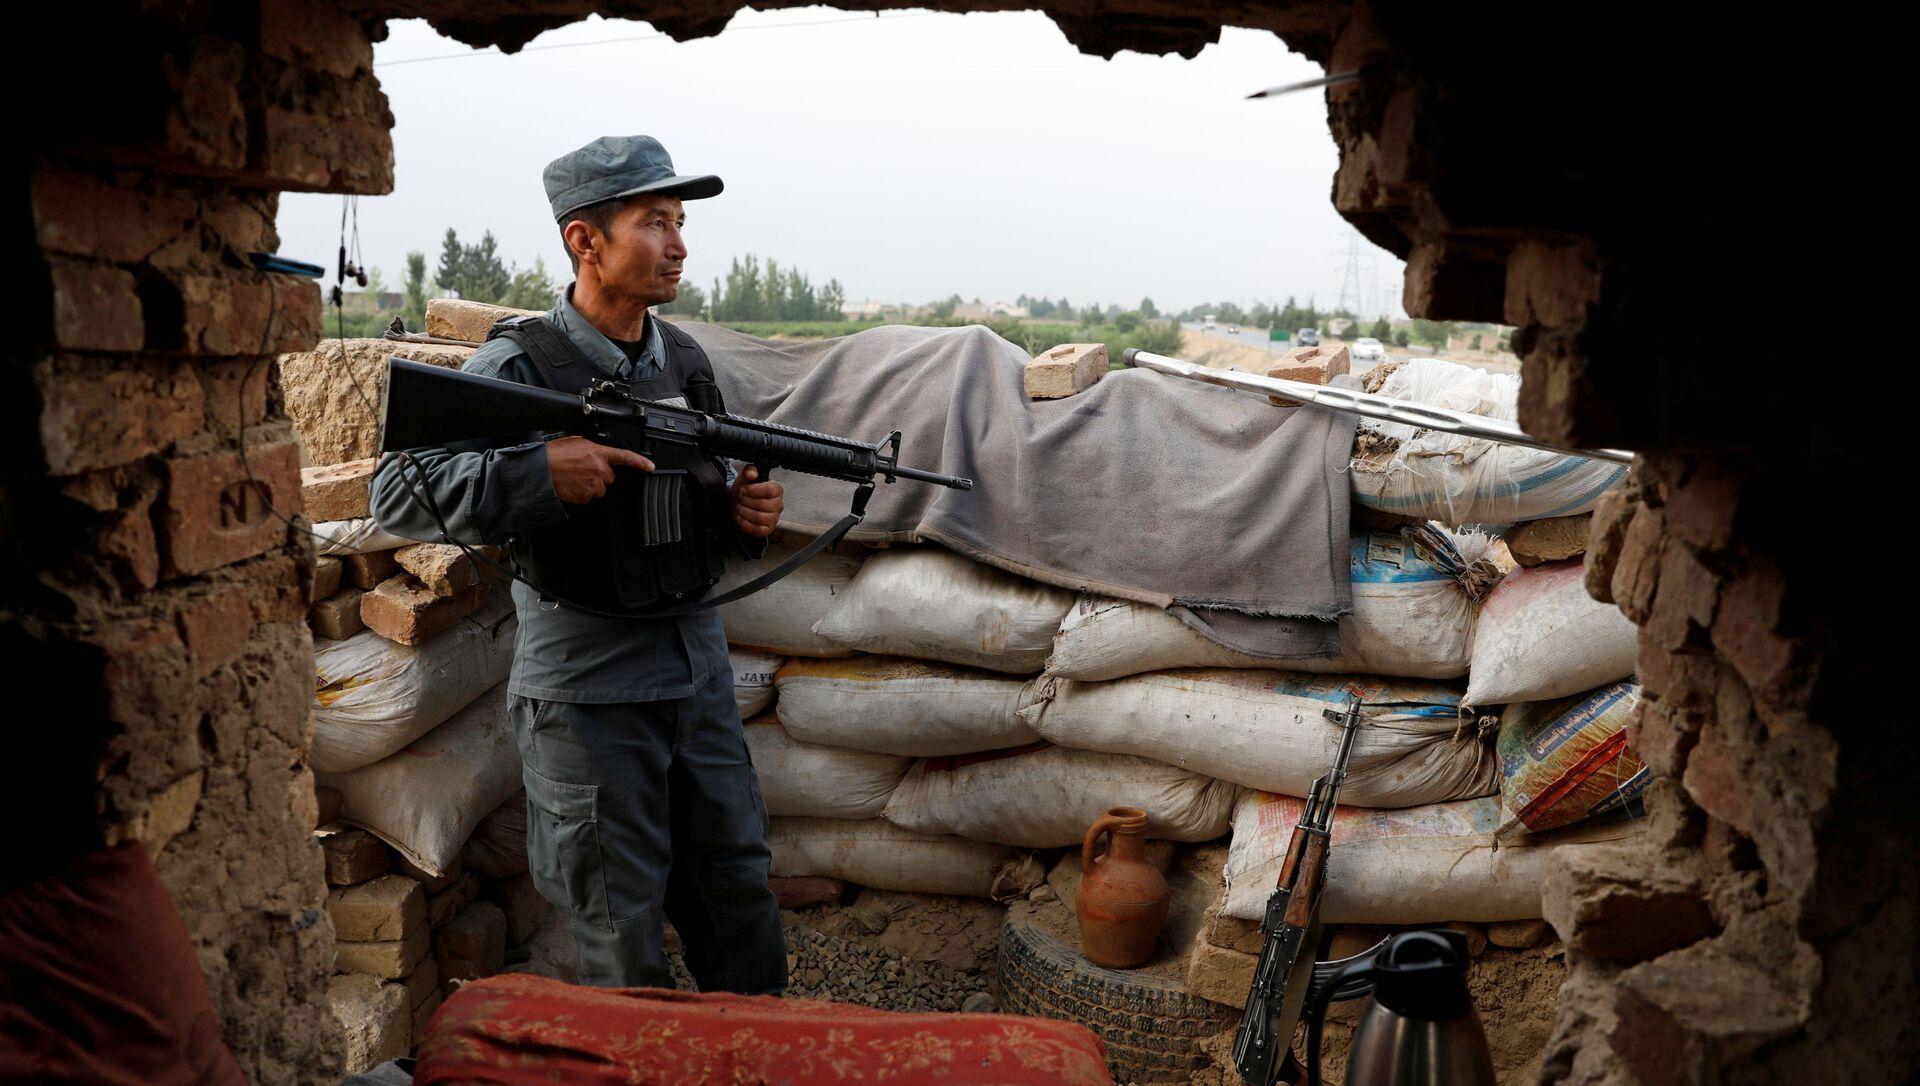 Афганский полицейский следит за блокпостом на окраине Кабула, Афганистан, 13 июля 2021 года - Sputnik Азербайджан, 1920, 09.08.2021